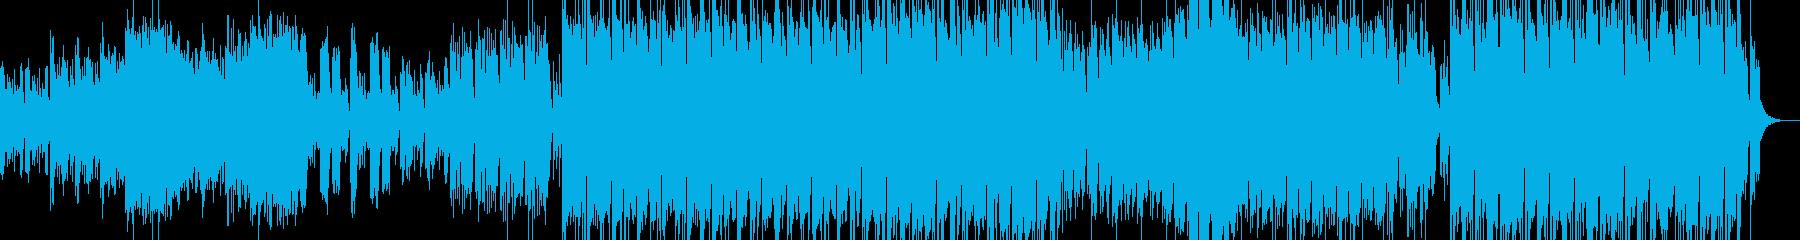 広大な日本神話を連想させるオーケストラの再生済みの波形